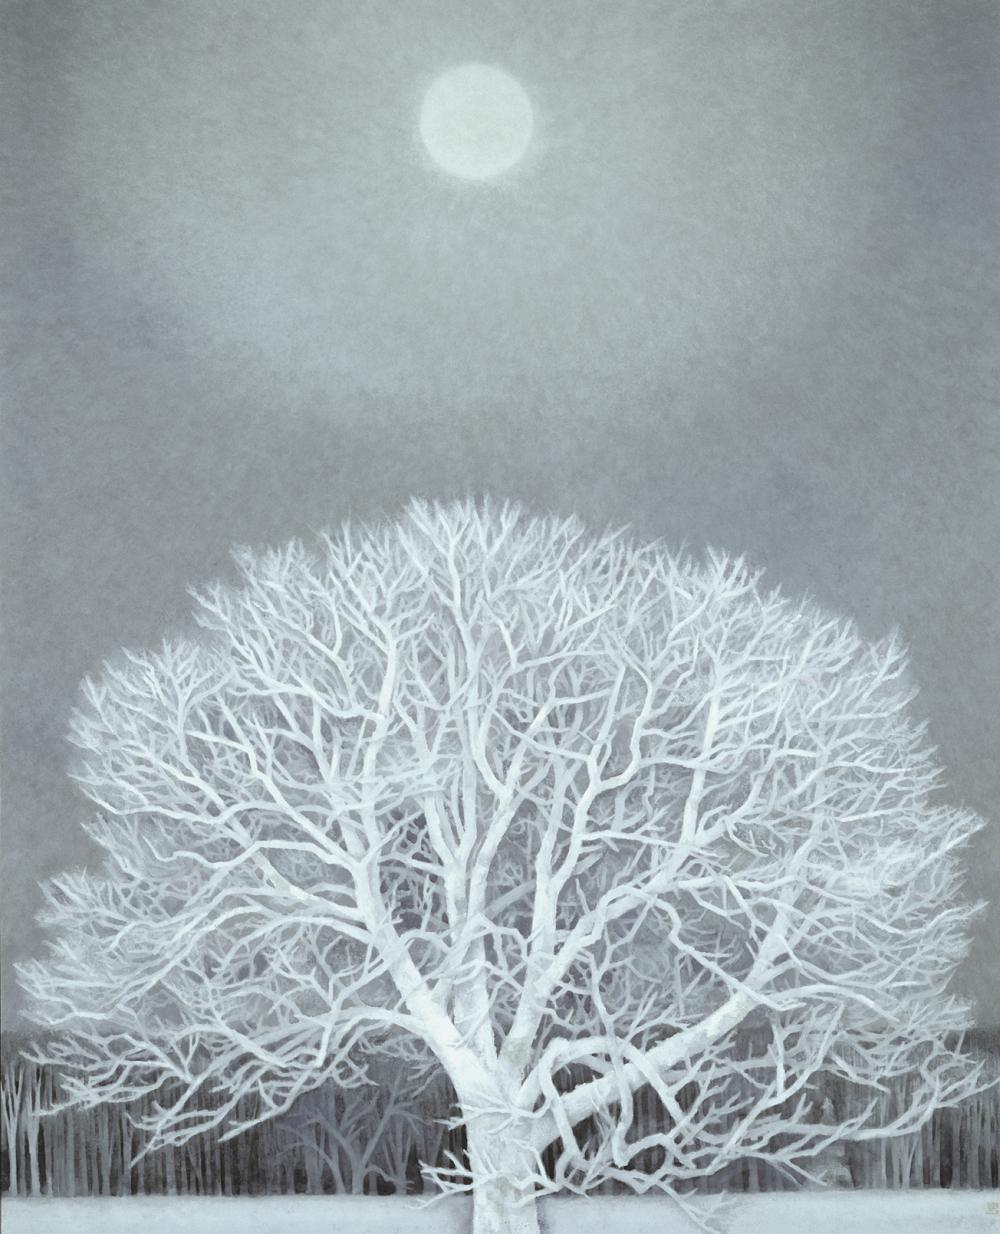 《冬華》1964年、東山魁夷、東京国立近代美術館蔵